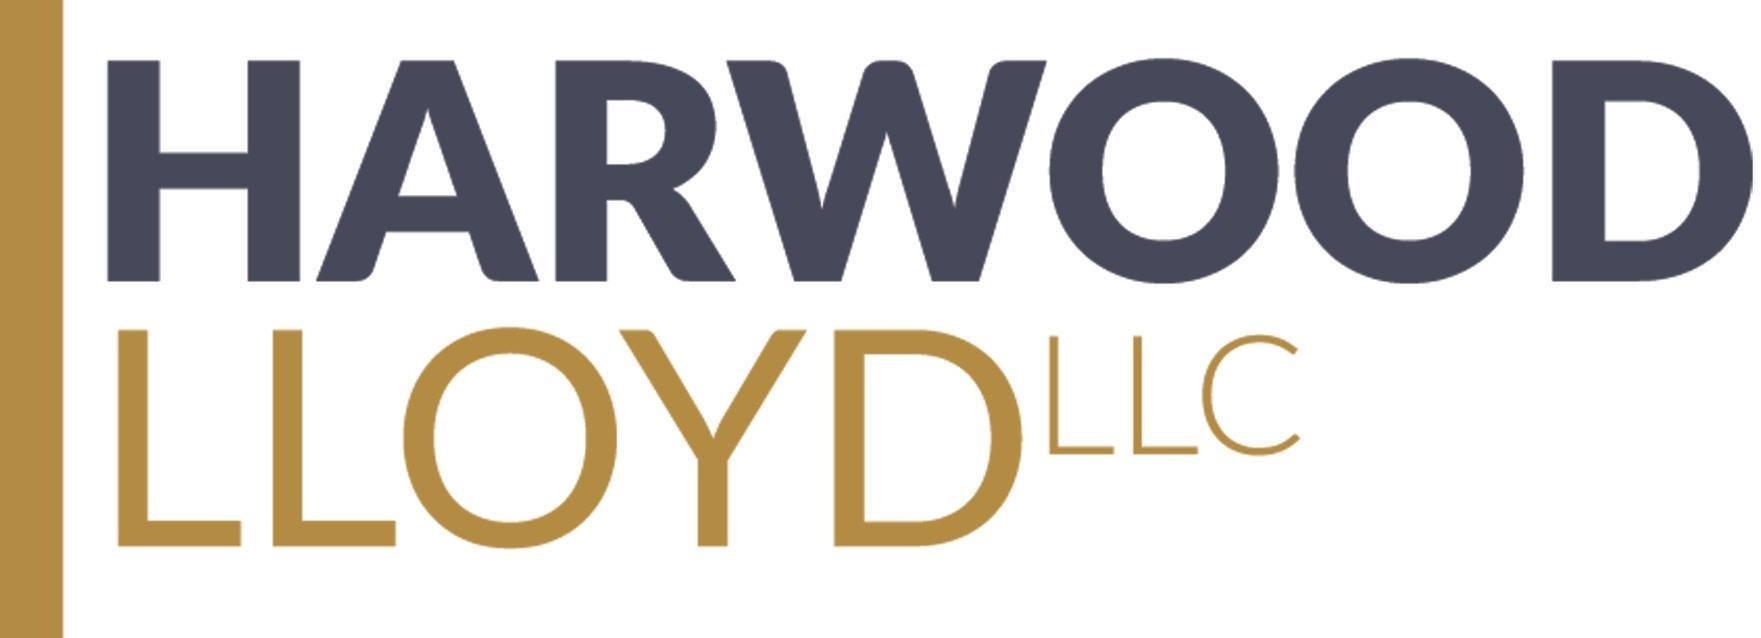 Harwood Lloyd , LLC Logo